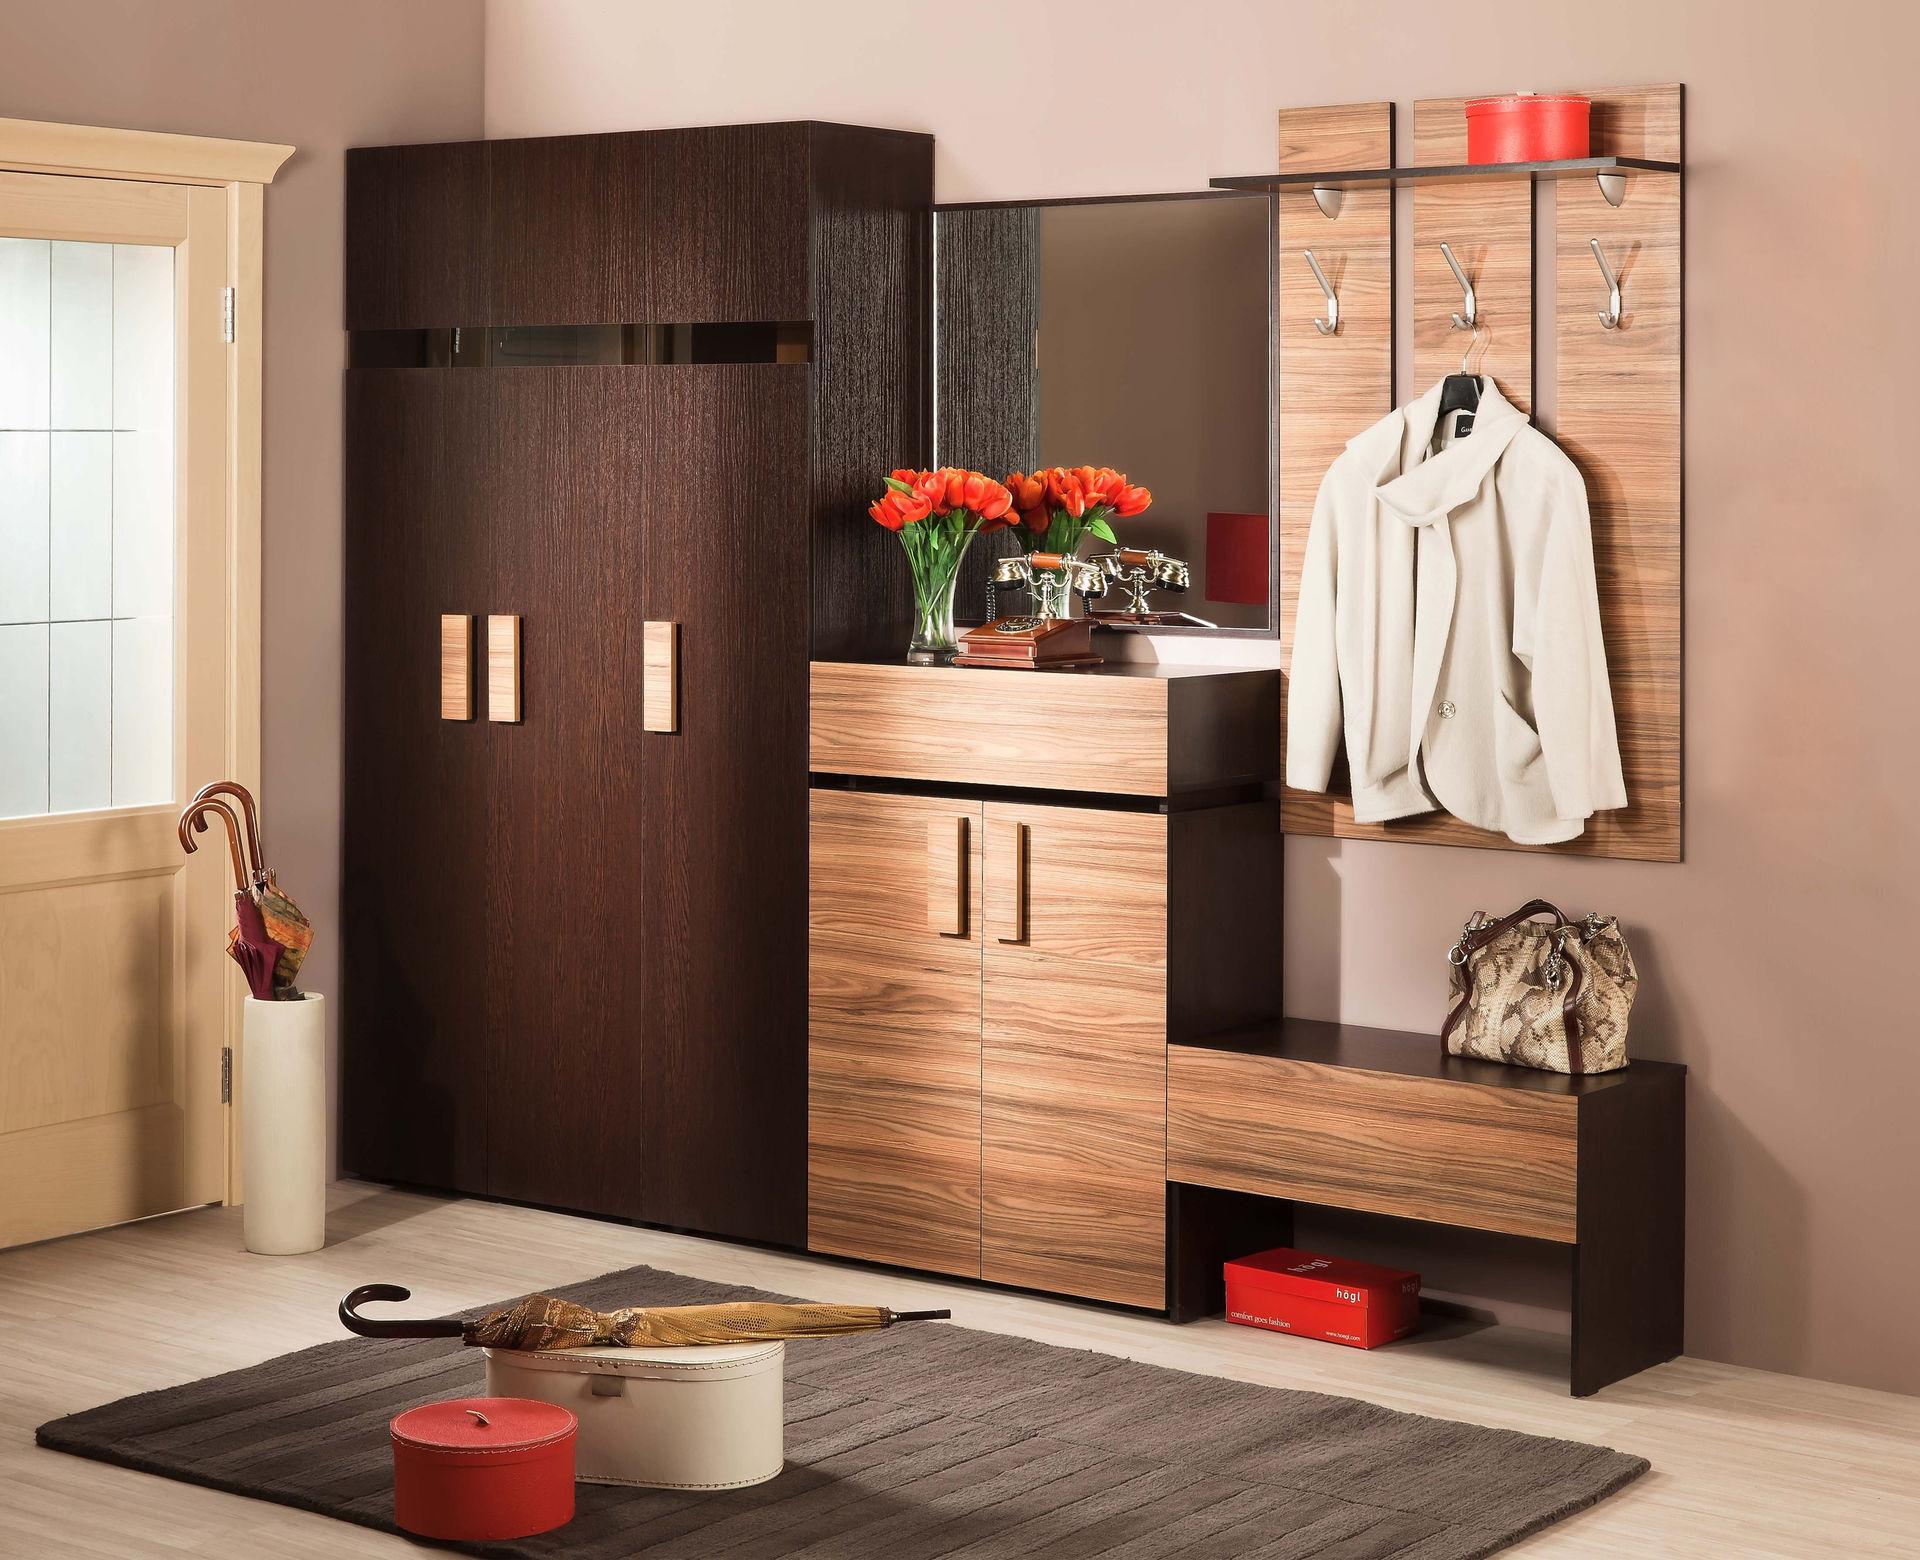 Модульные шкафы - виды, устройство и правила выбора фото.